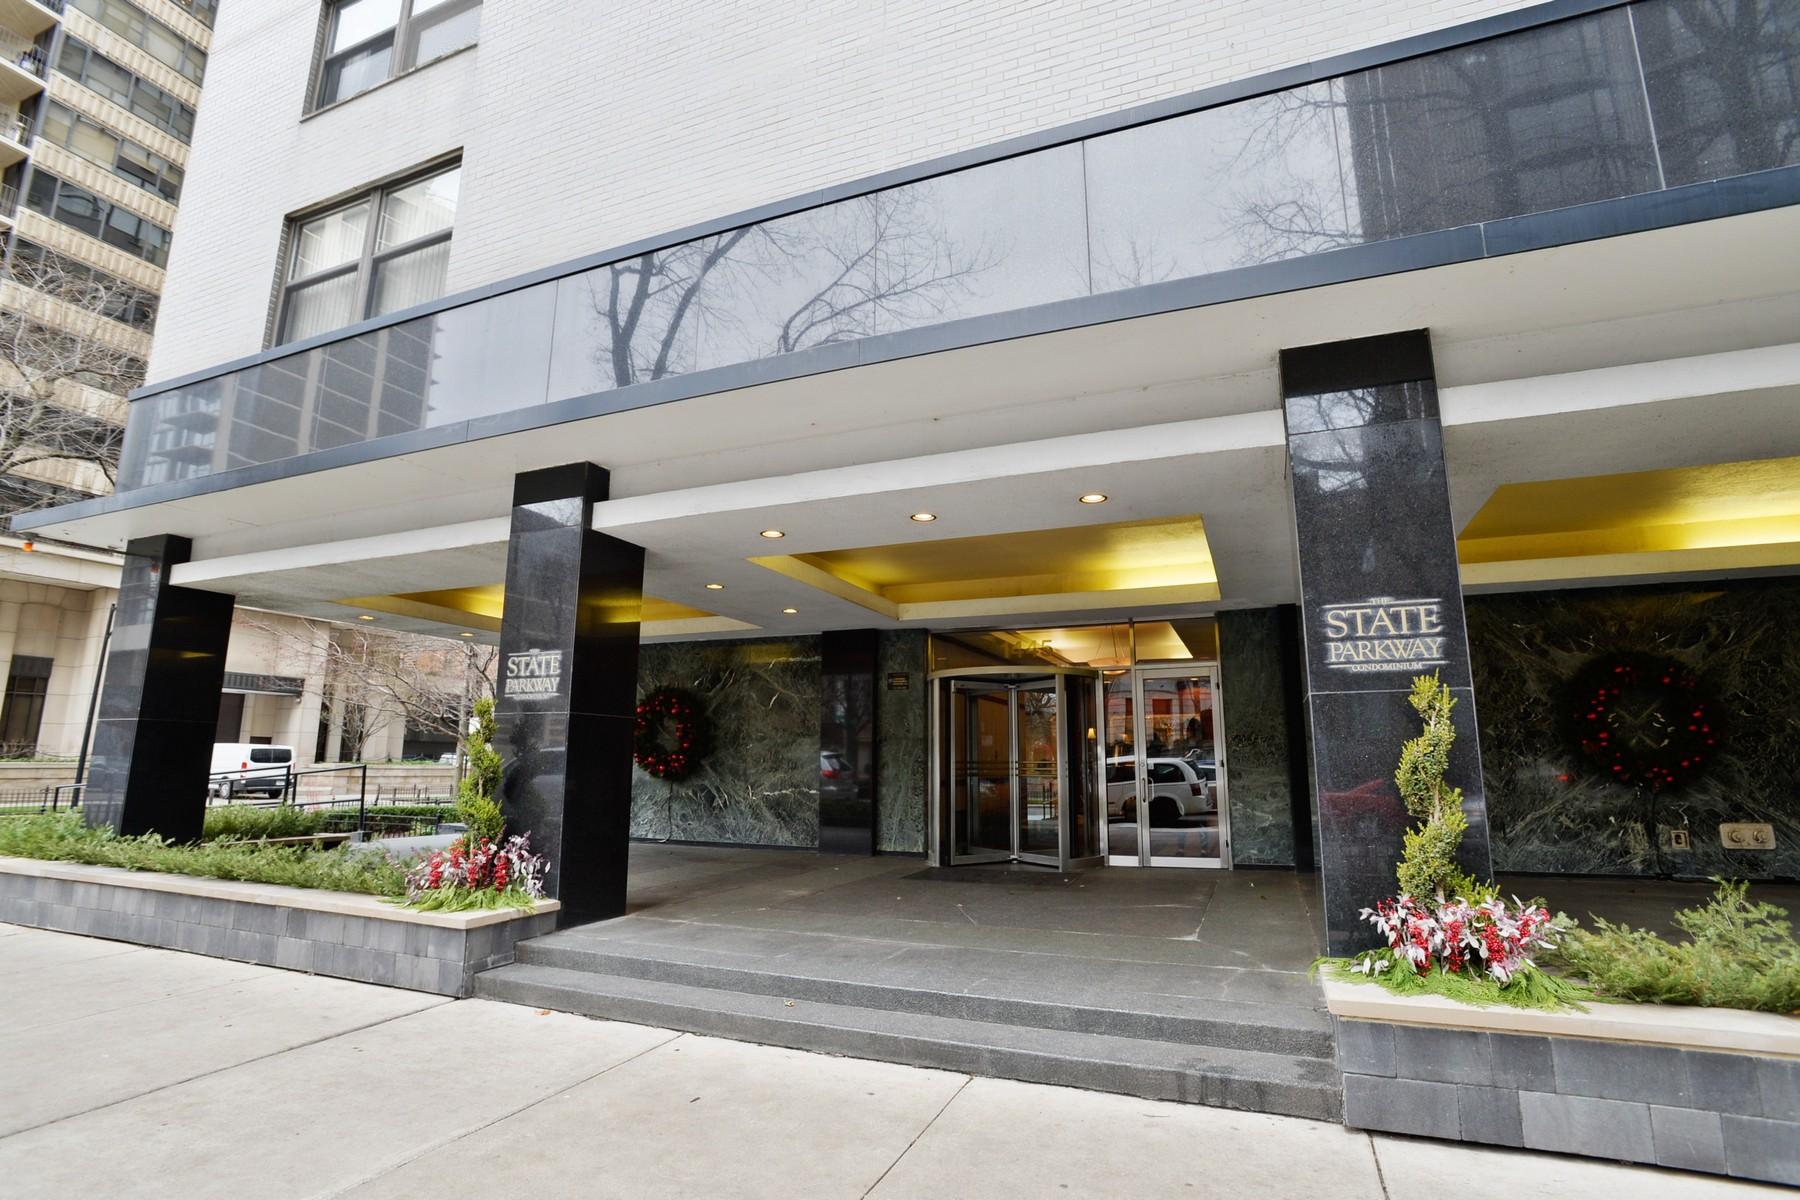 共管式独立产权公寓 为 销售 在 Rare Gold Coast Value 1445 N State Parkway Unit 704 Near North Side, 芝加哥, 伊利诺斯州 60610 美国